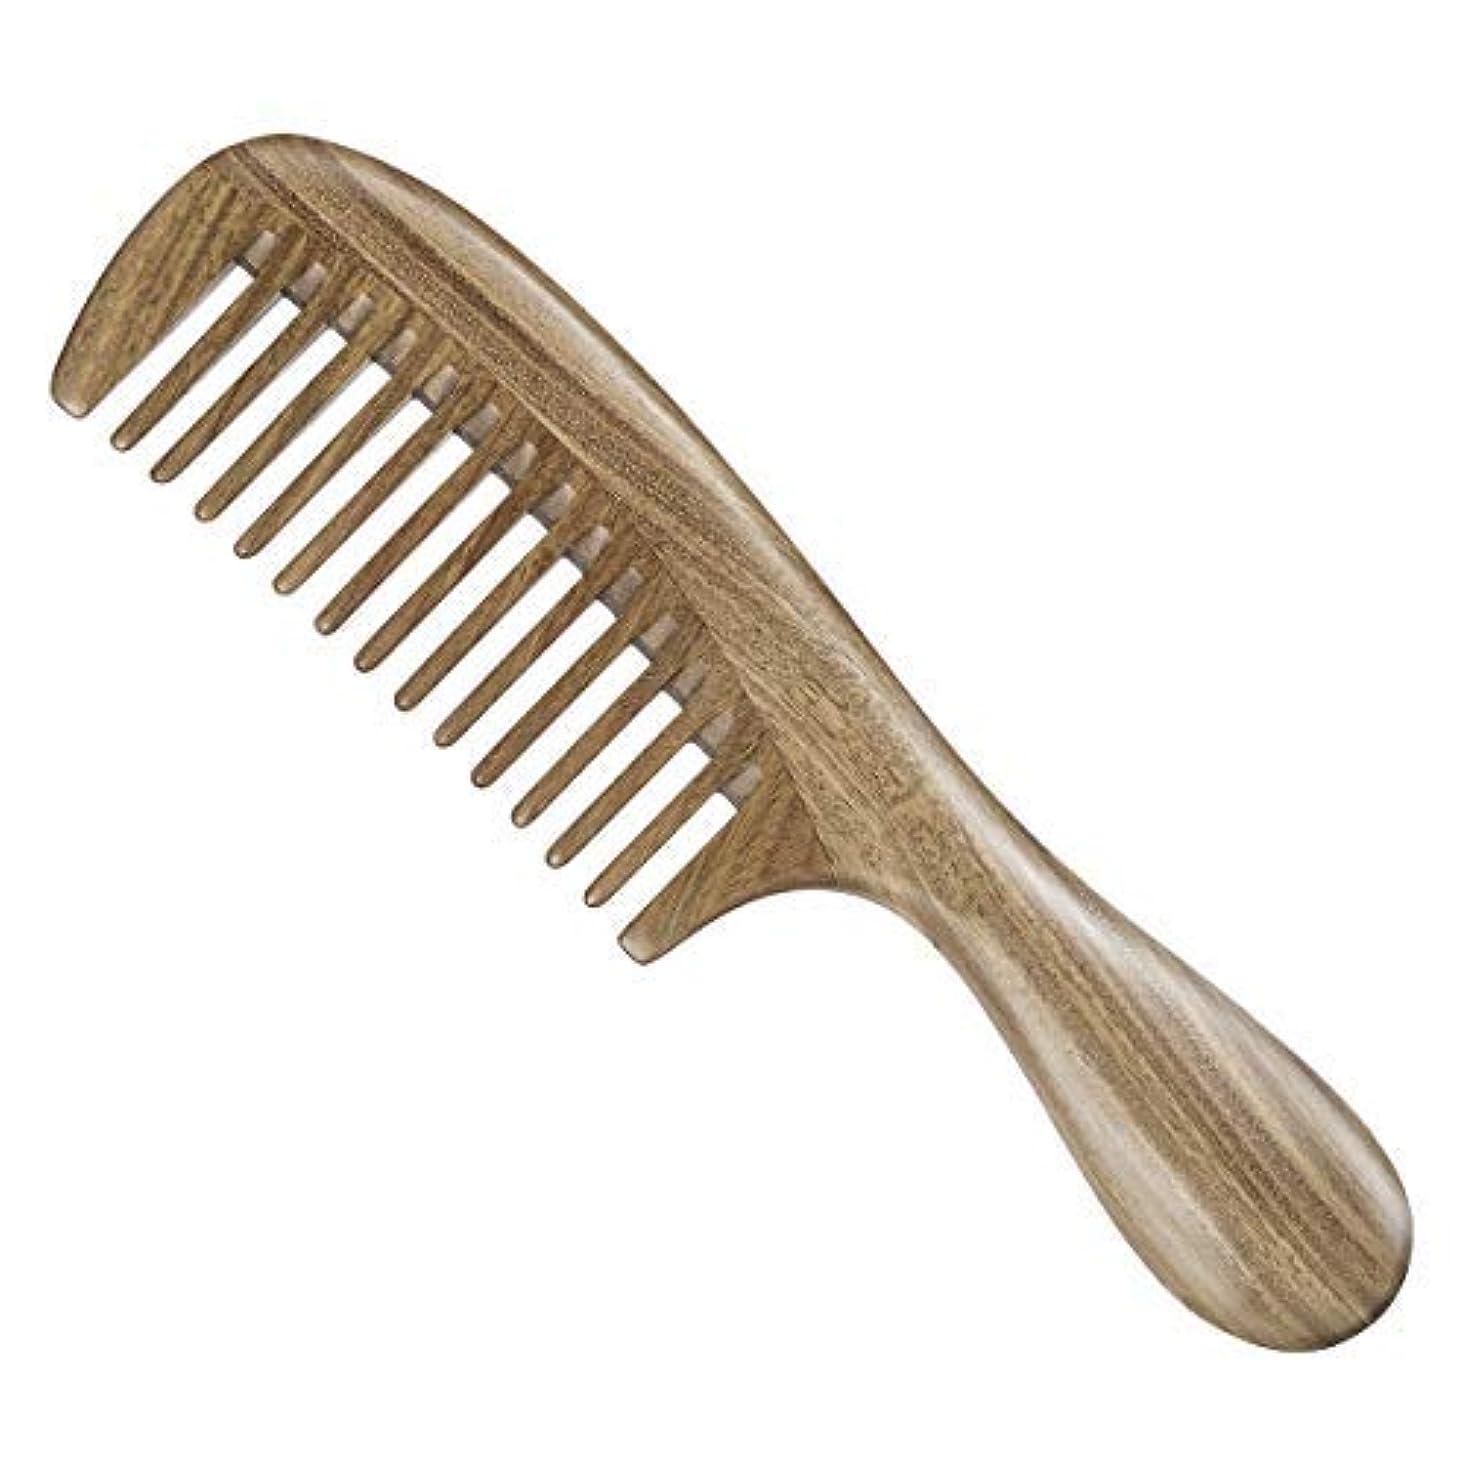 準備ホールド歩道Wide Tooth Natural Green Sandalwood Comb - Exquisite Workmanship Smooth Mellow Handle- Handmade No Static Hair...